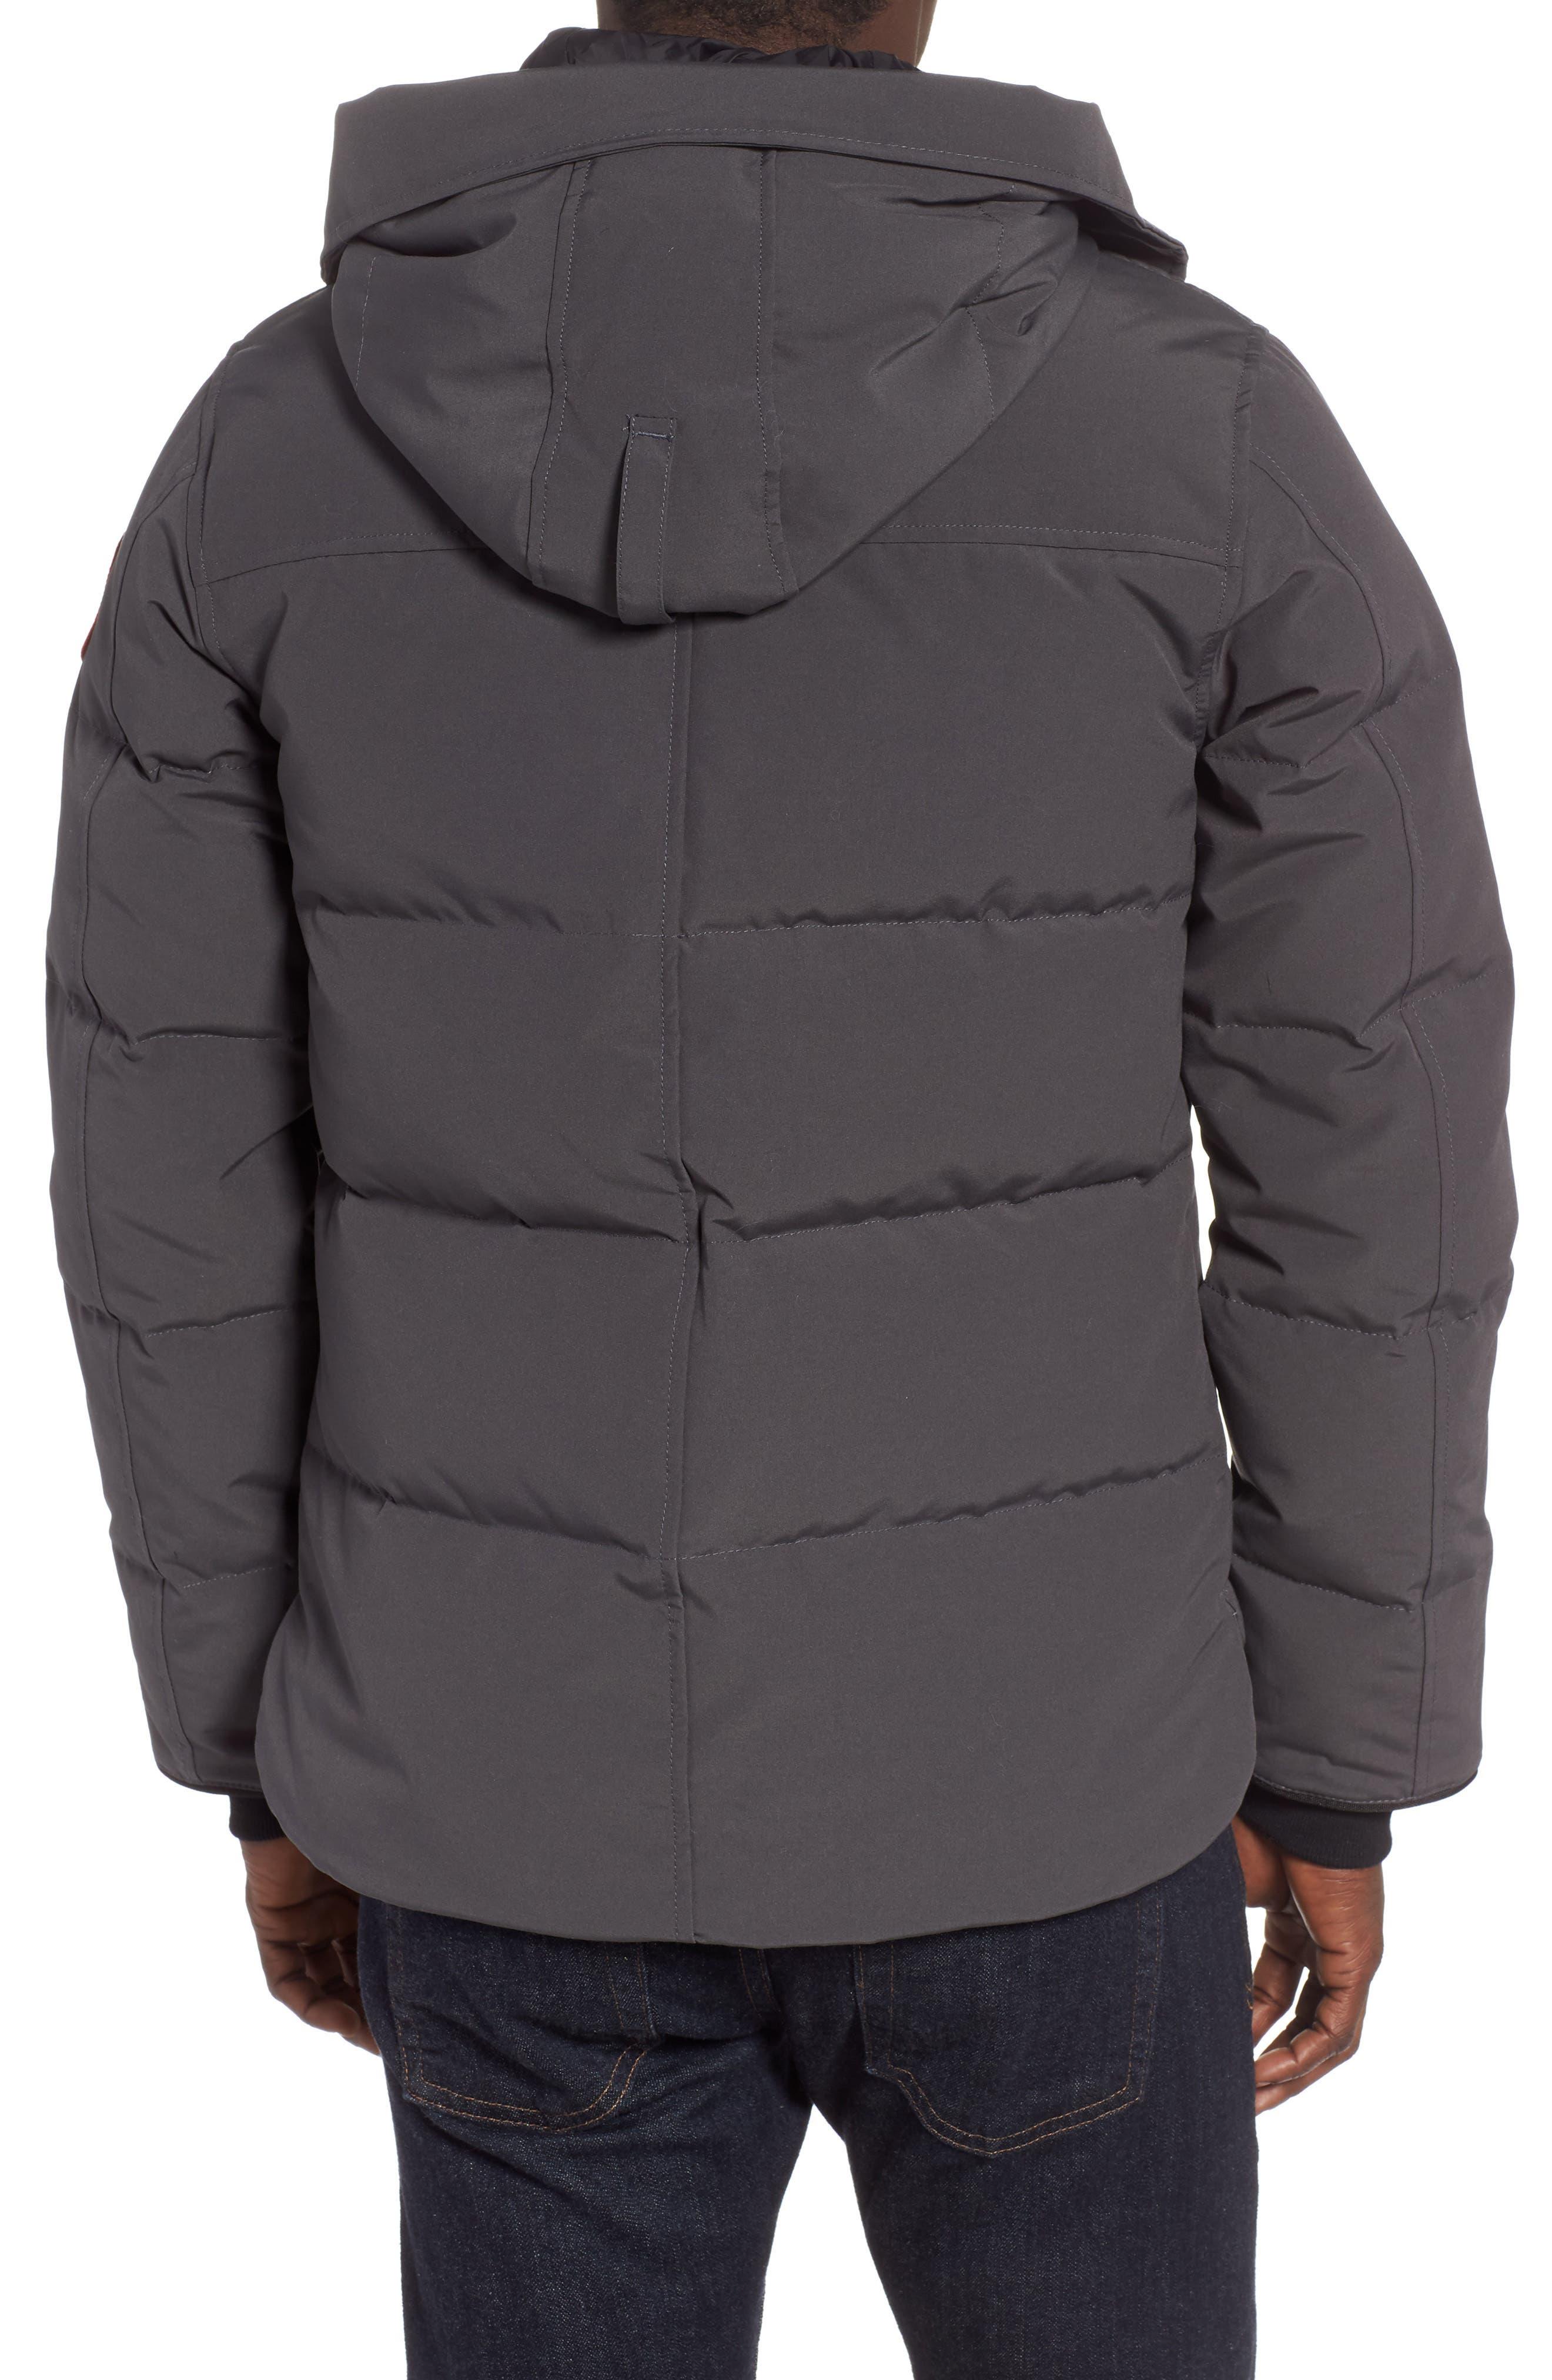 33bfd6261 Men's Fleece Coats & Jackets | Nordstrom